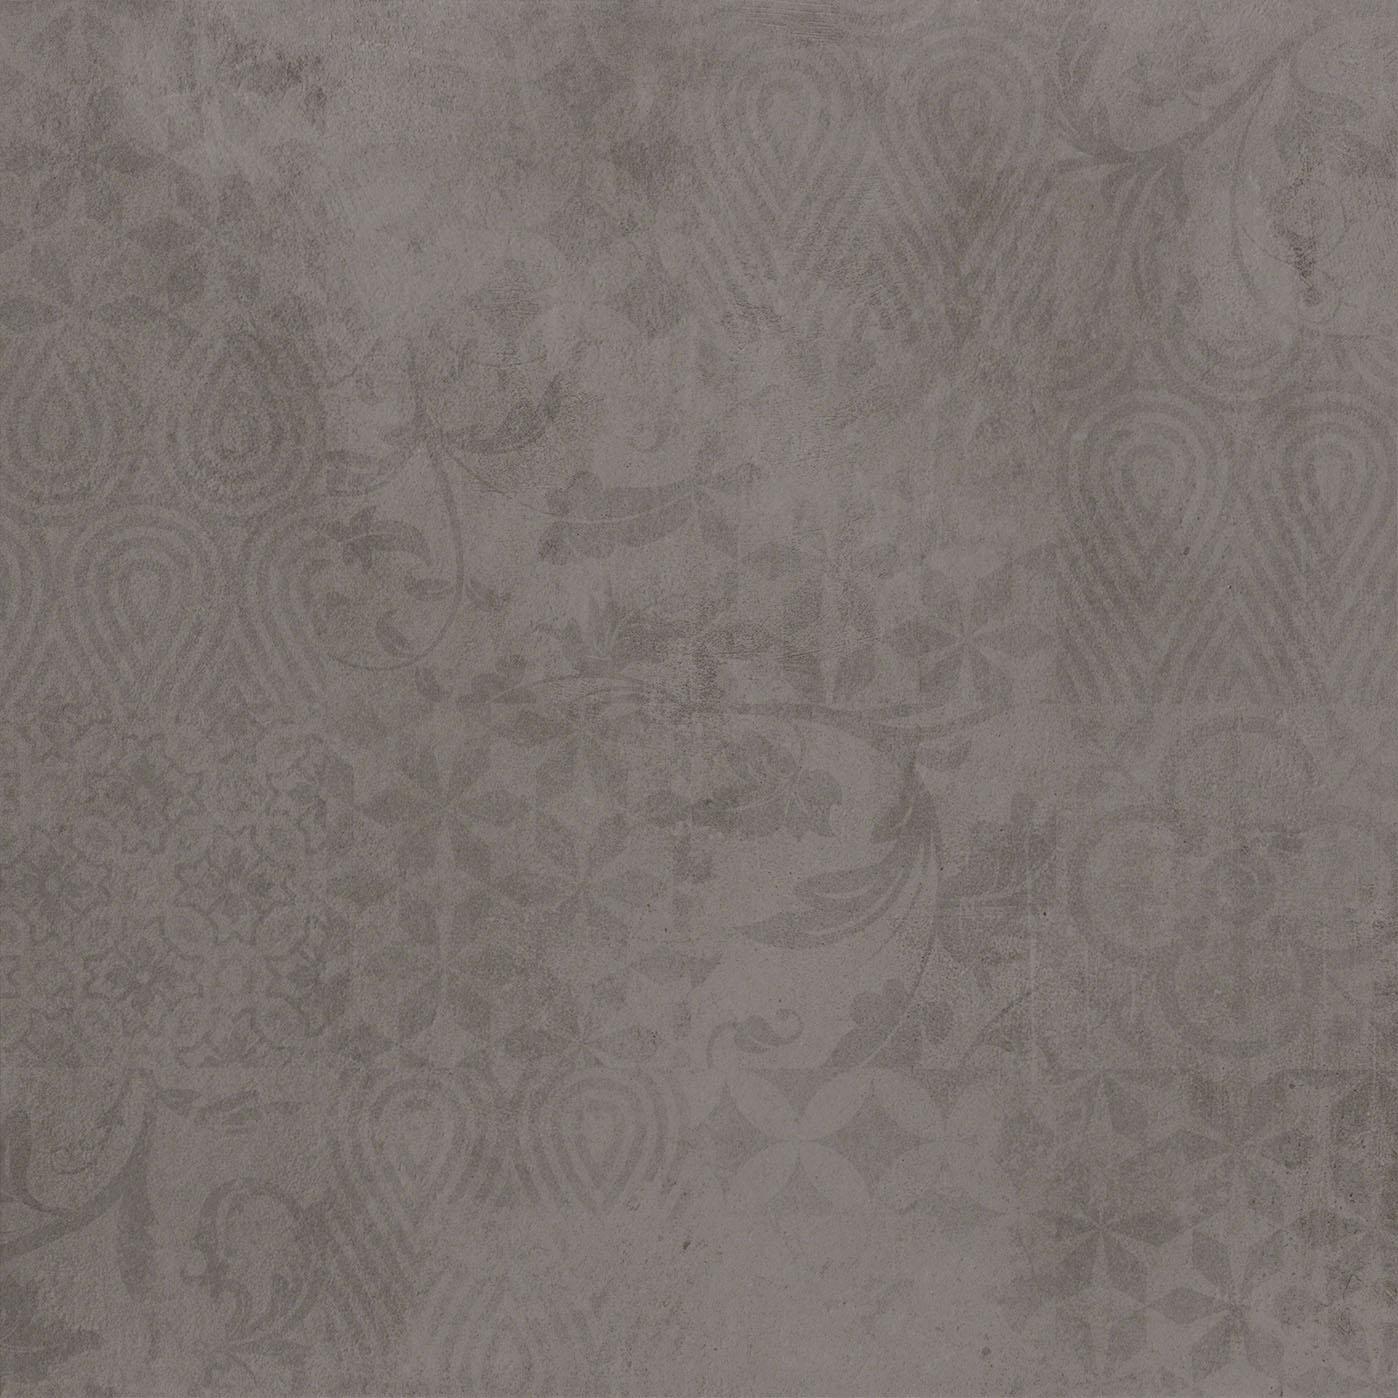 dunkel grau Betonfliesen mit Dekor, dark grey concrete effect tile with decor 60x60